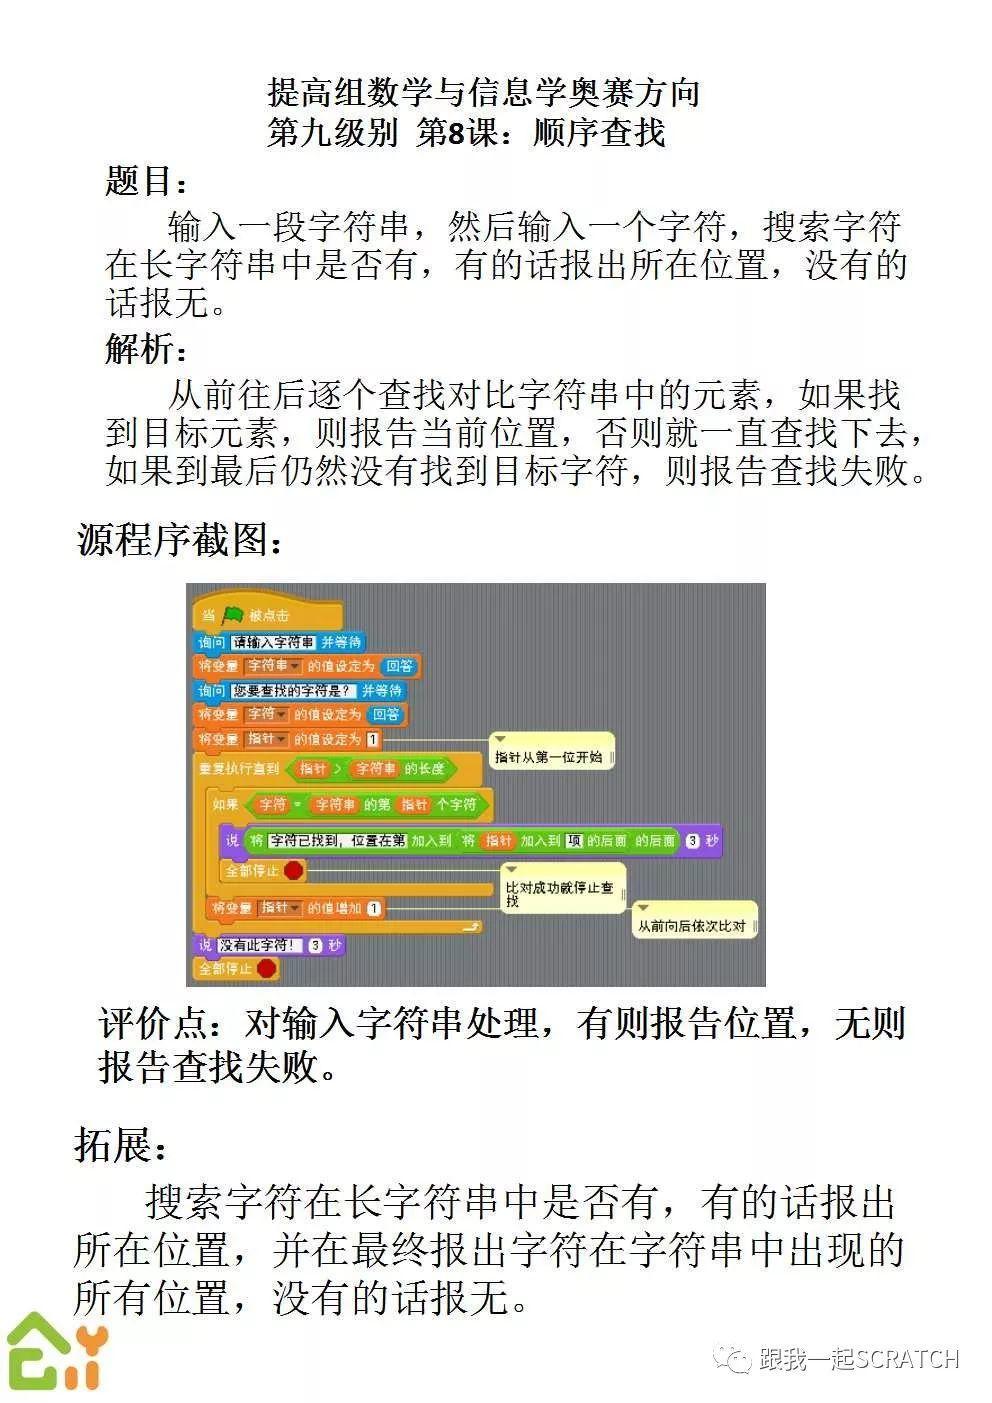 第二〇一课 Scratch数学与信息学奥赛方向(三)